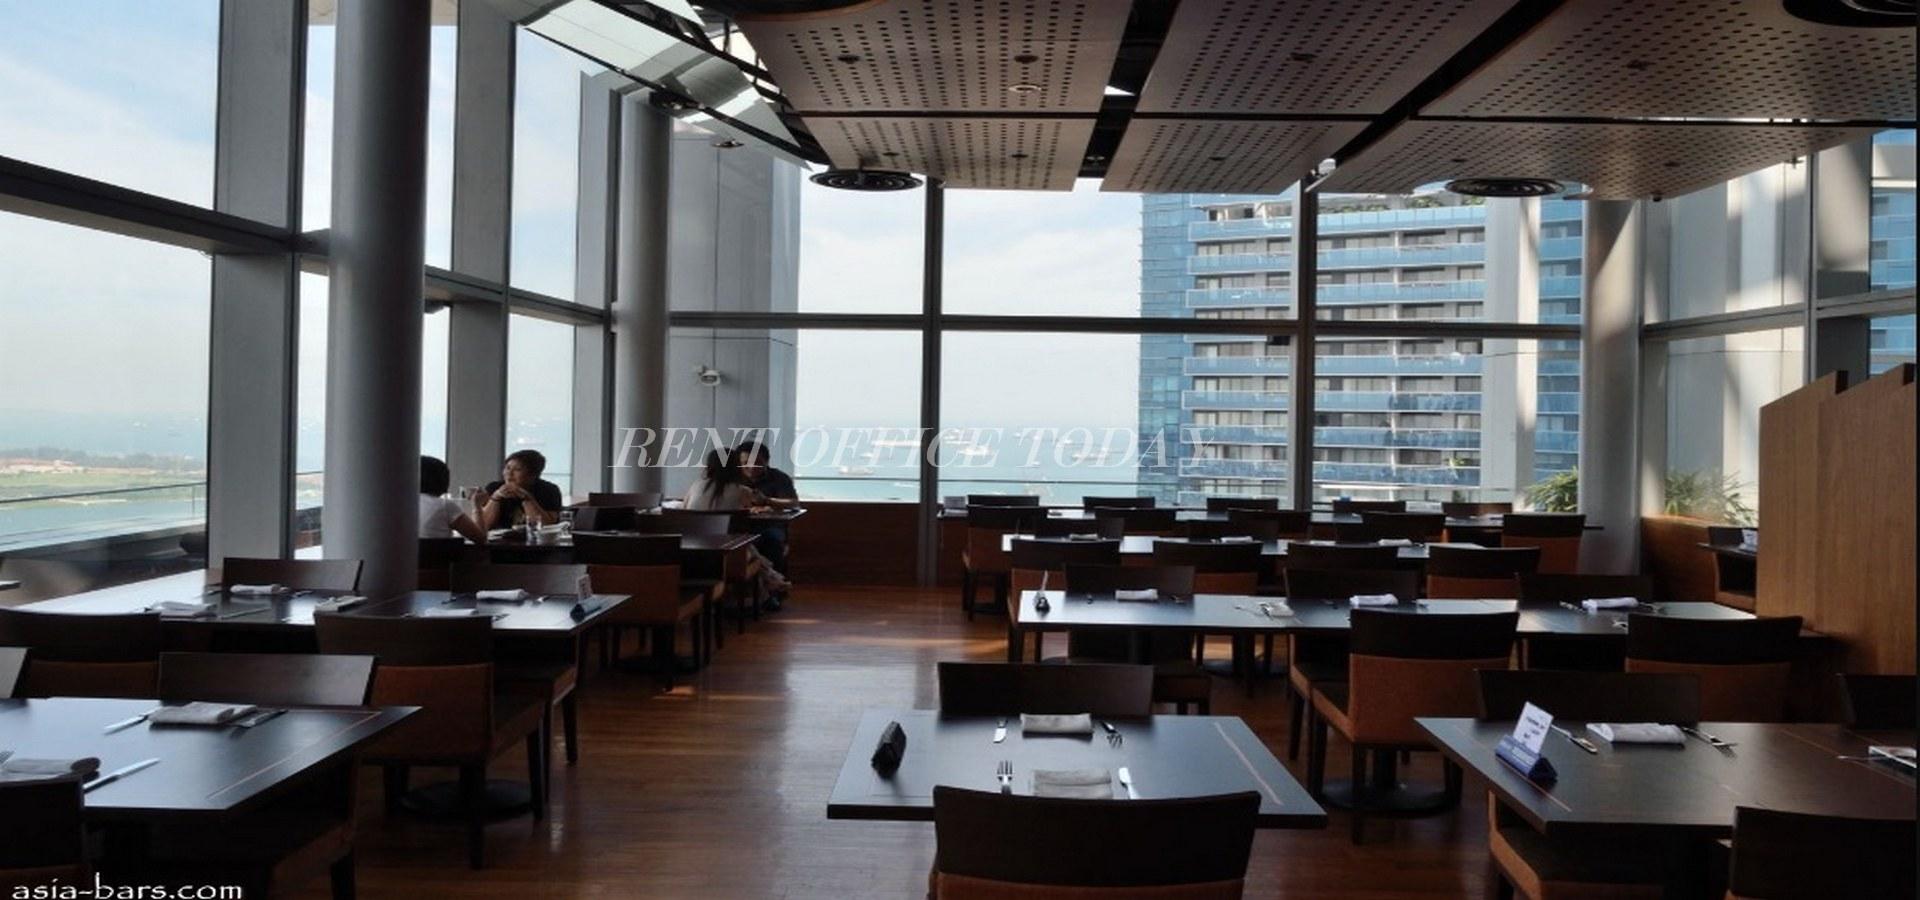 مكتب للايجار marina bay financial centre-9